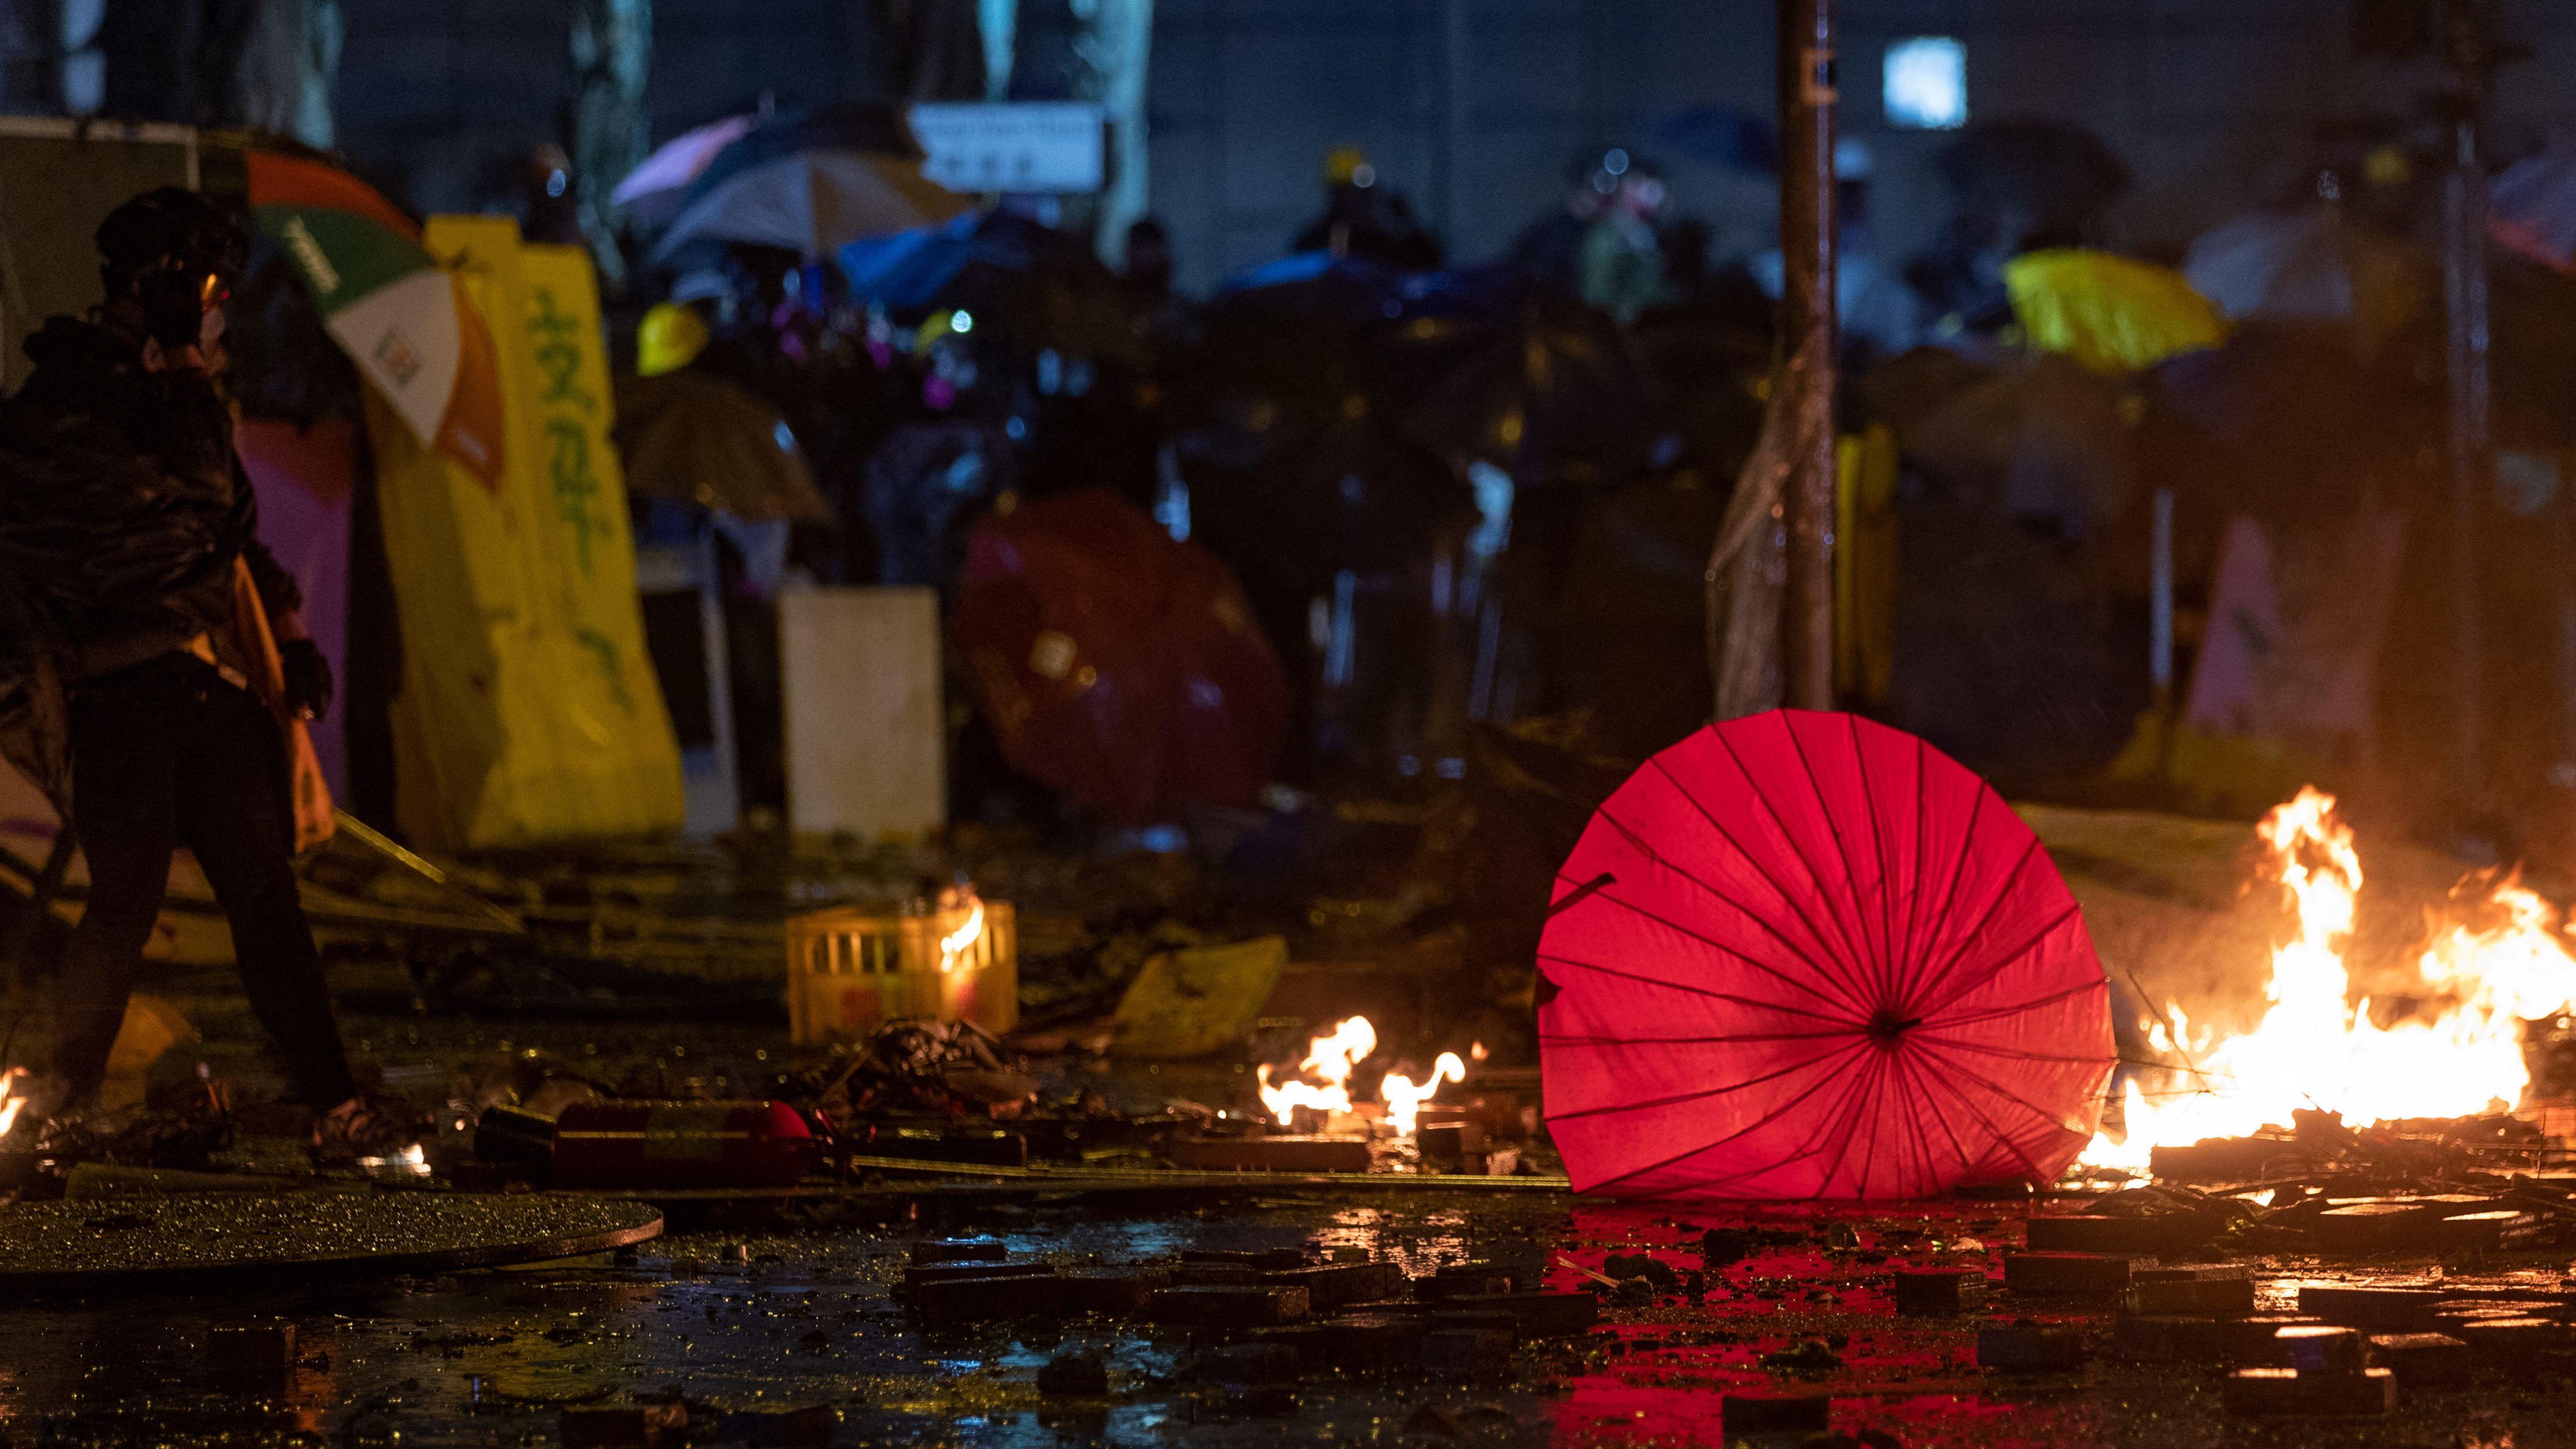 Proteste in Hongkong: Ein roter Schirm liegt auf nasser Straße, kleinere Feuer am Boden